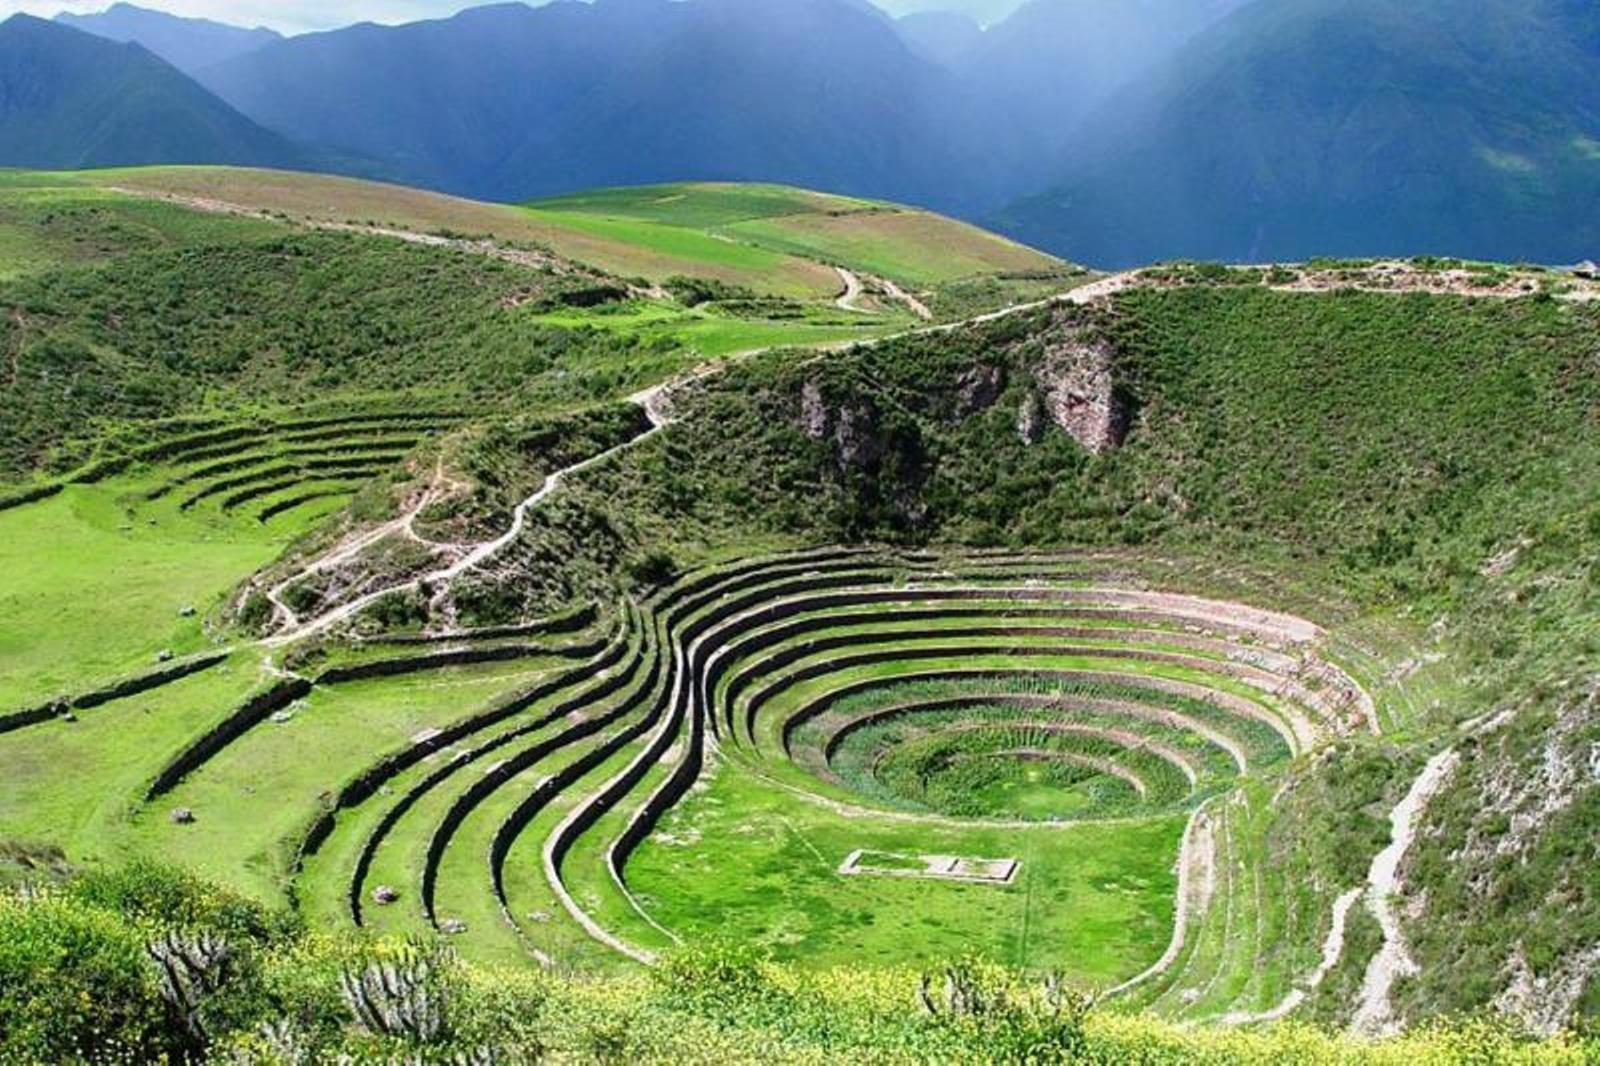 Landwirtschaftliche Terassenanlage in Moray - Top 10 Sehenswürdigkeiten im Hochland Perus